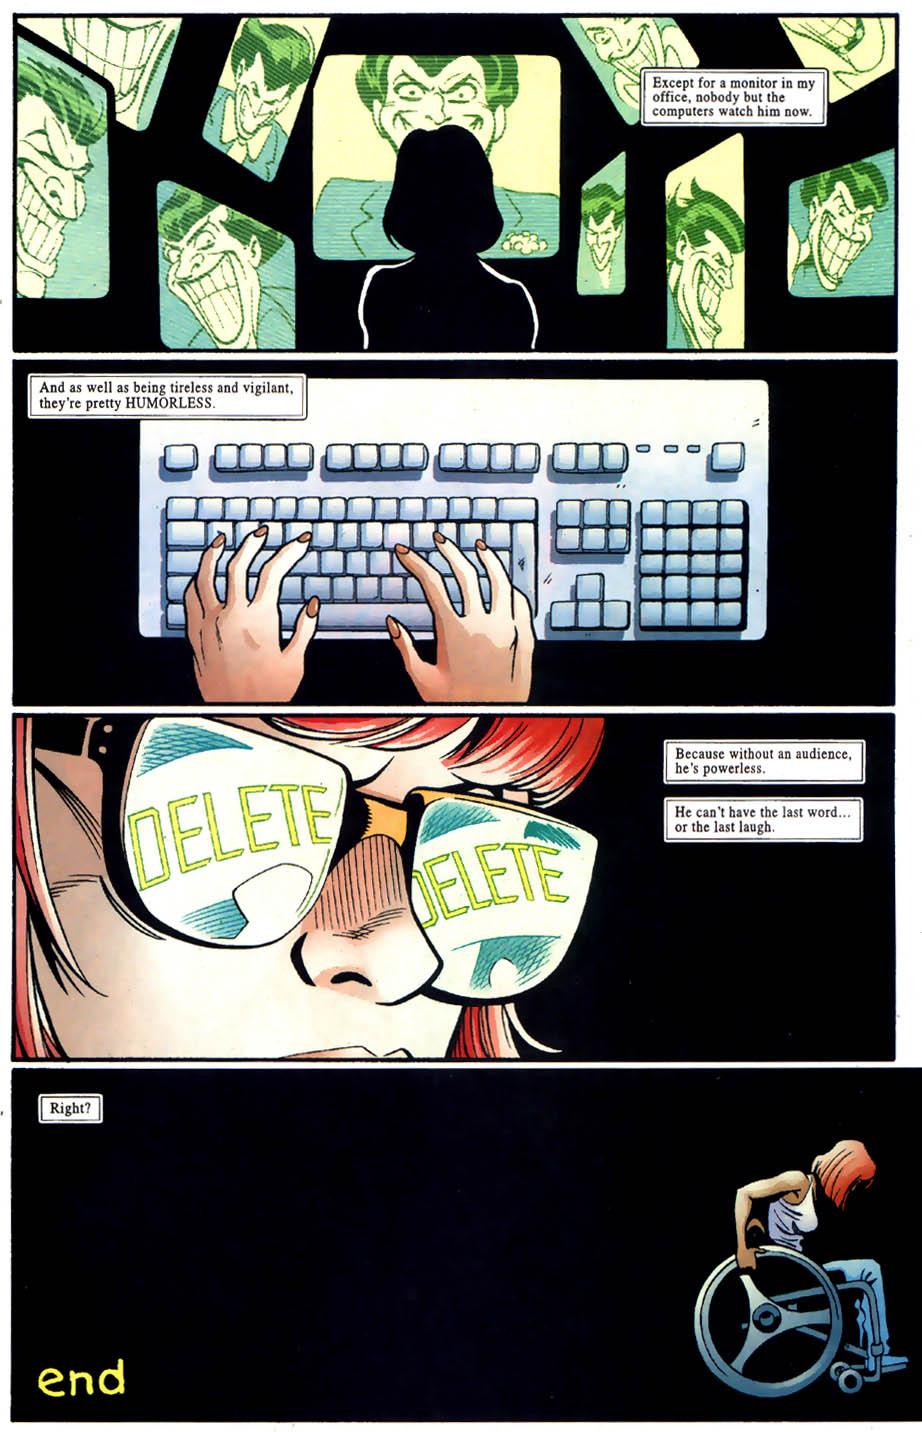 Joker - Last Laugh 6 pg29Oracle.jpg